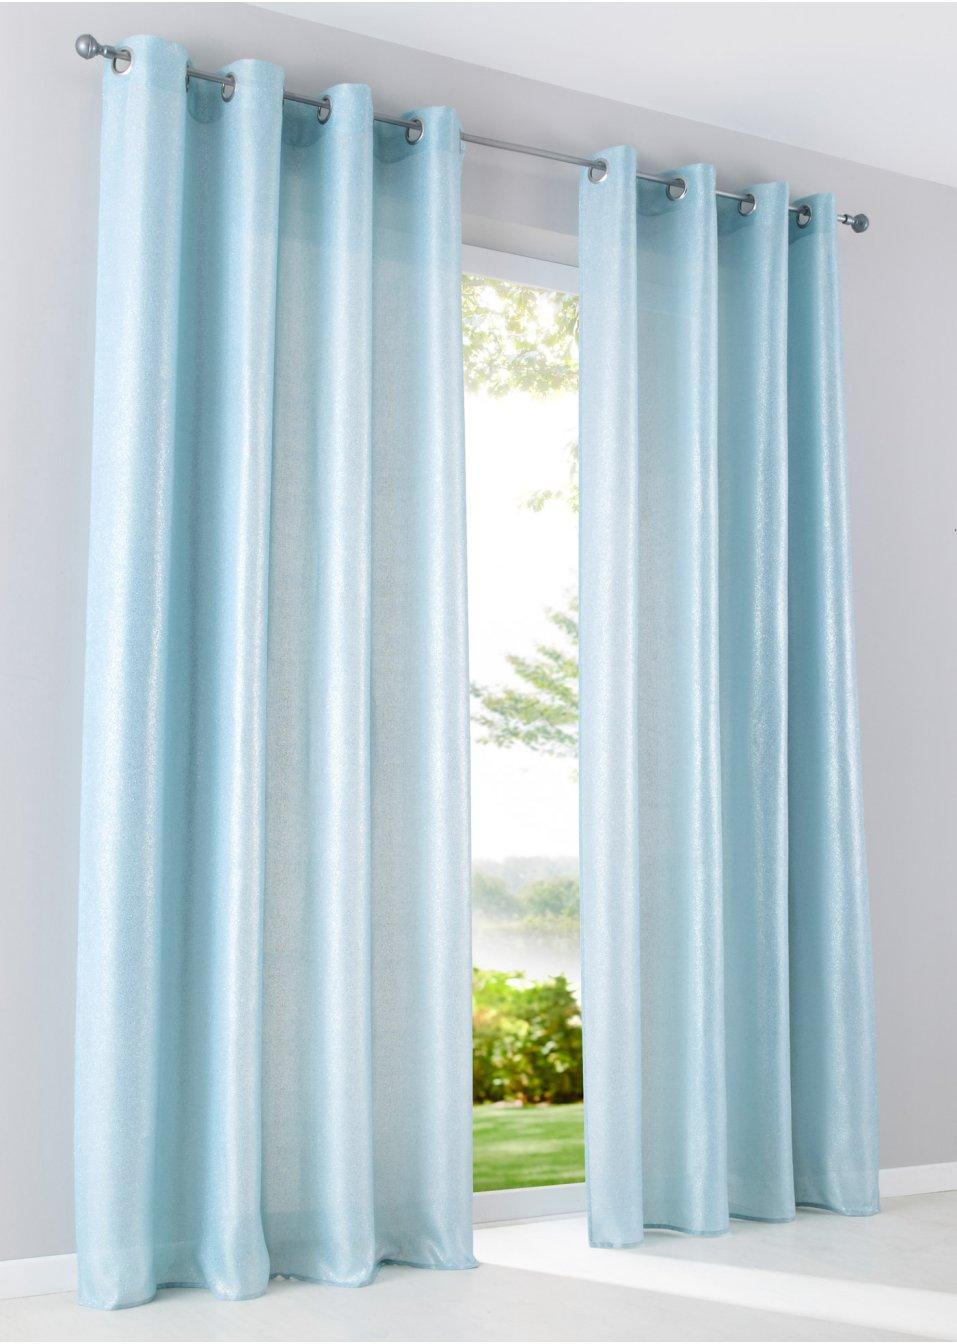 Vorhang samara 1er pack hellblau bpc living online - Bonprix vorhang ...